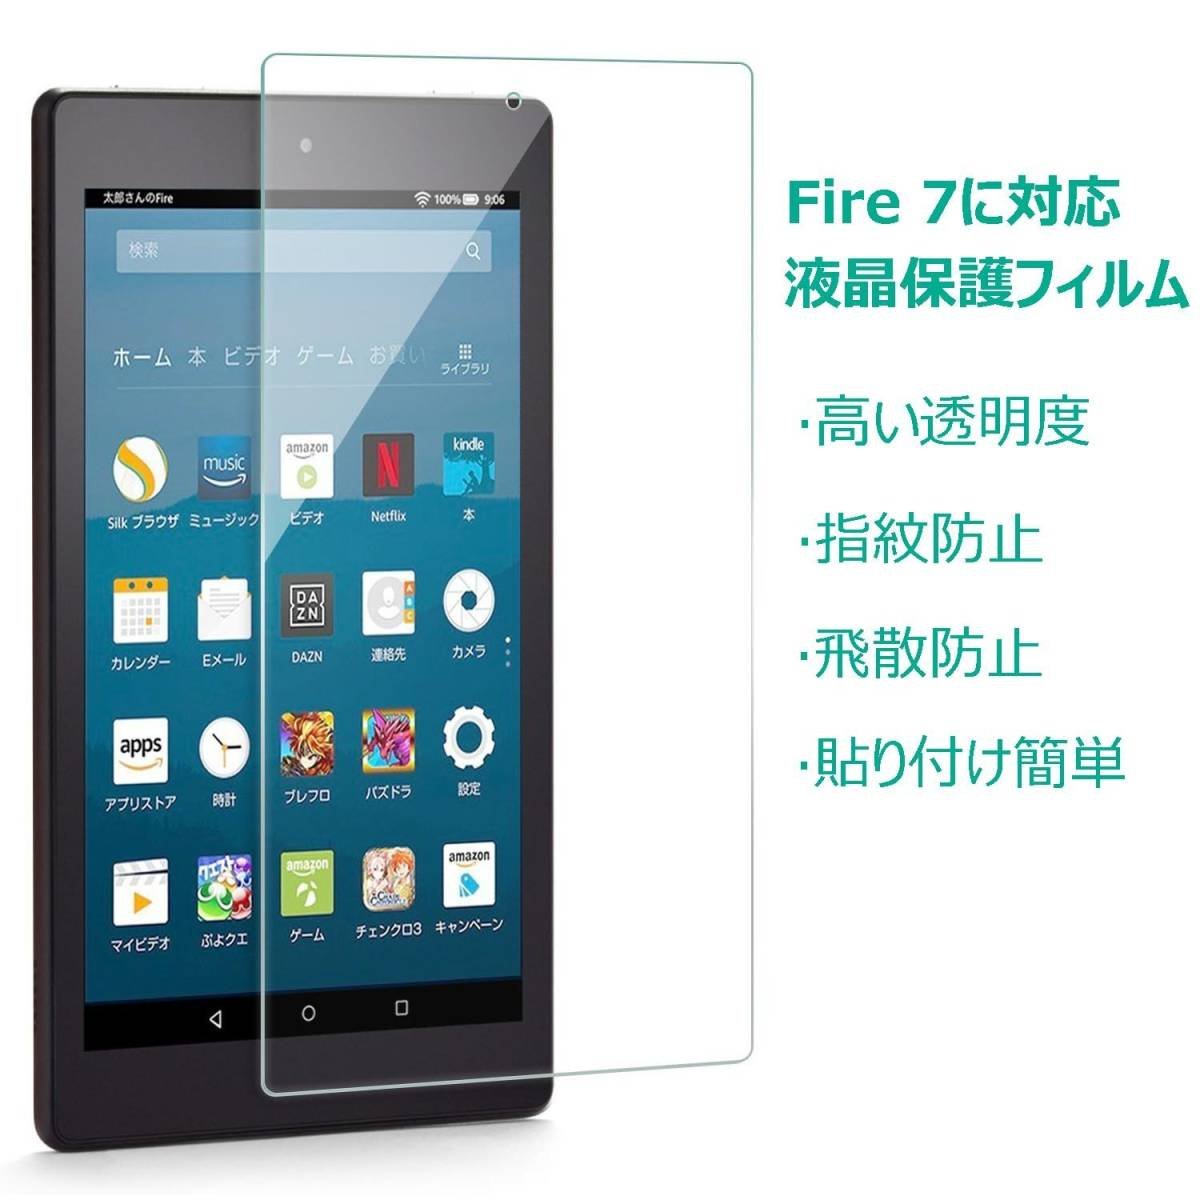 【3枚】ホームボタンのある iPad Pro 9.7 / Air2 / Air/ 9.7インチ 用 フィルム 強化ガラス 液晶保護フィルム 高透過率 気泡ゼロ 硬度9H_画像5